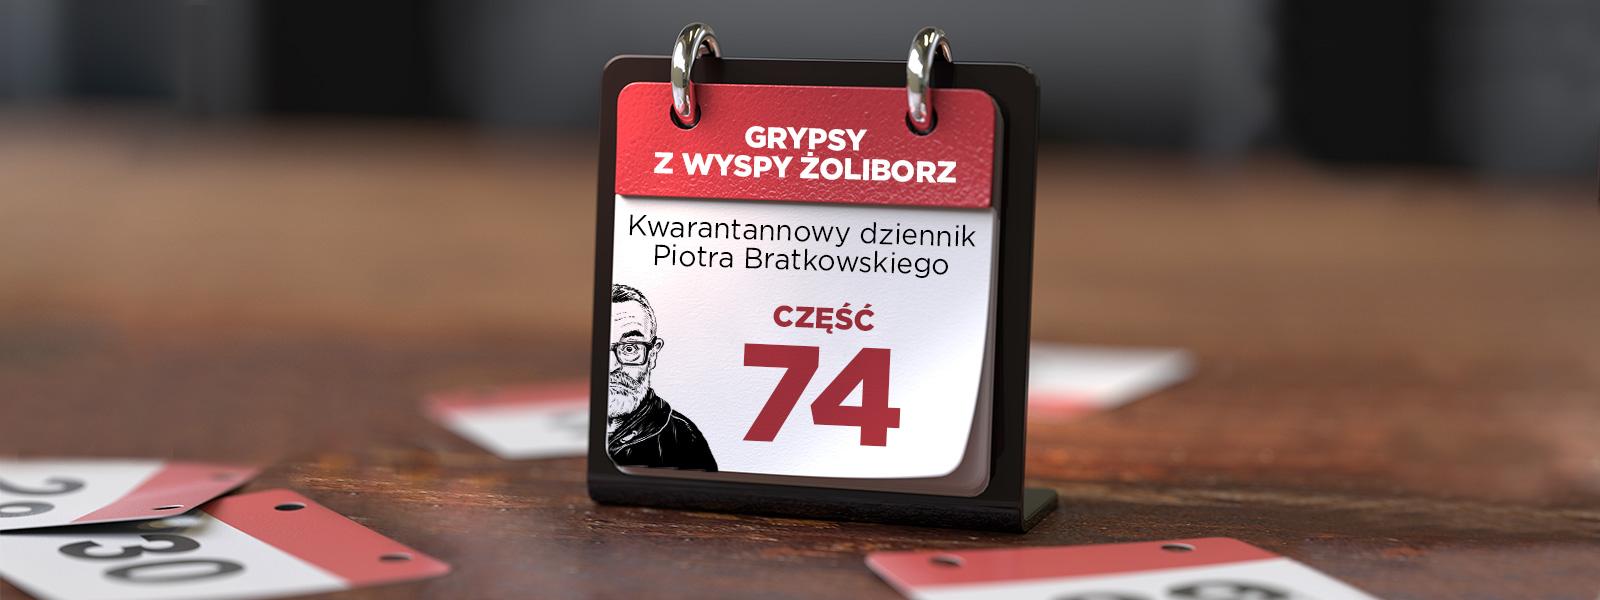 Proszę Państwa, 4 czerwca 2020 roku skończył się w Polsce koronawirus